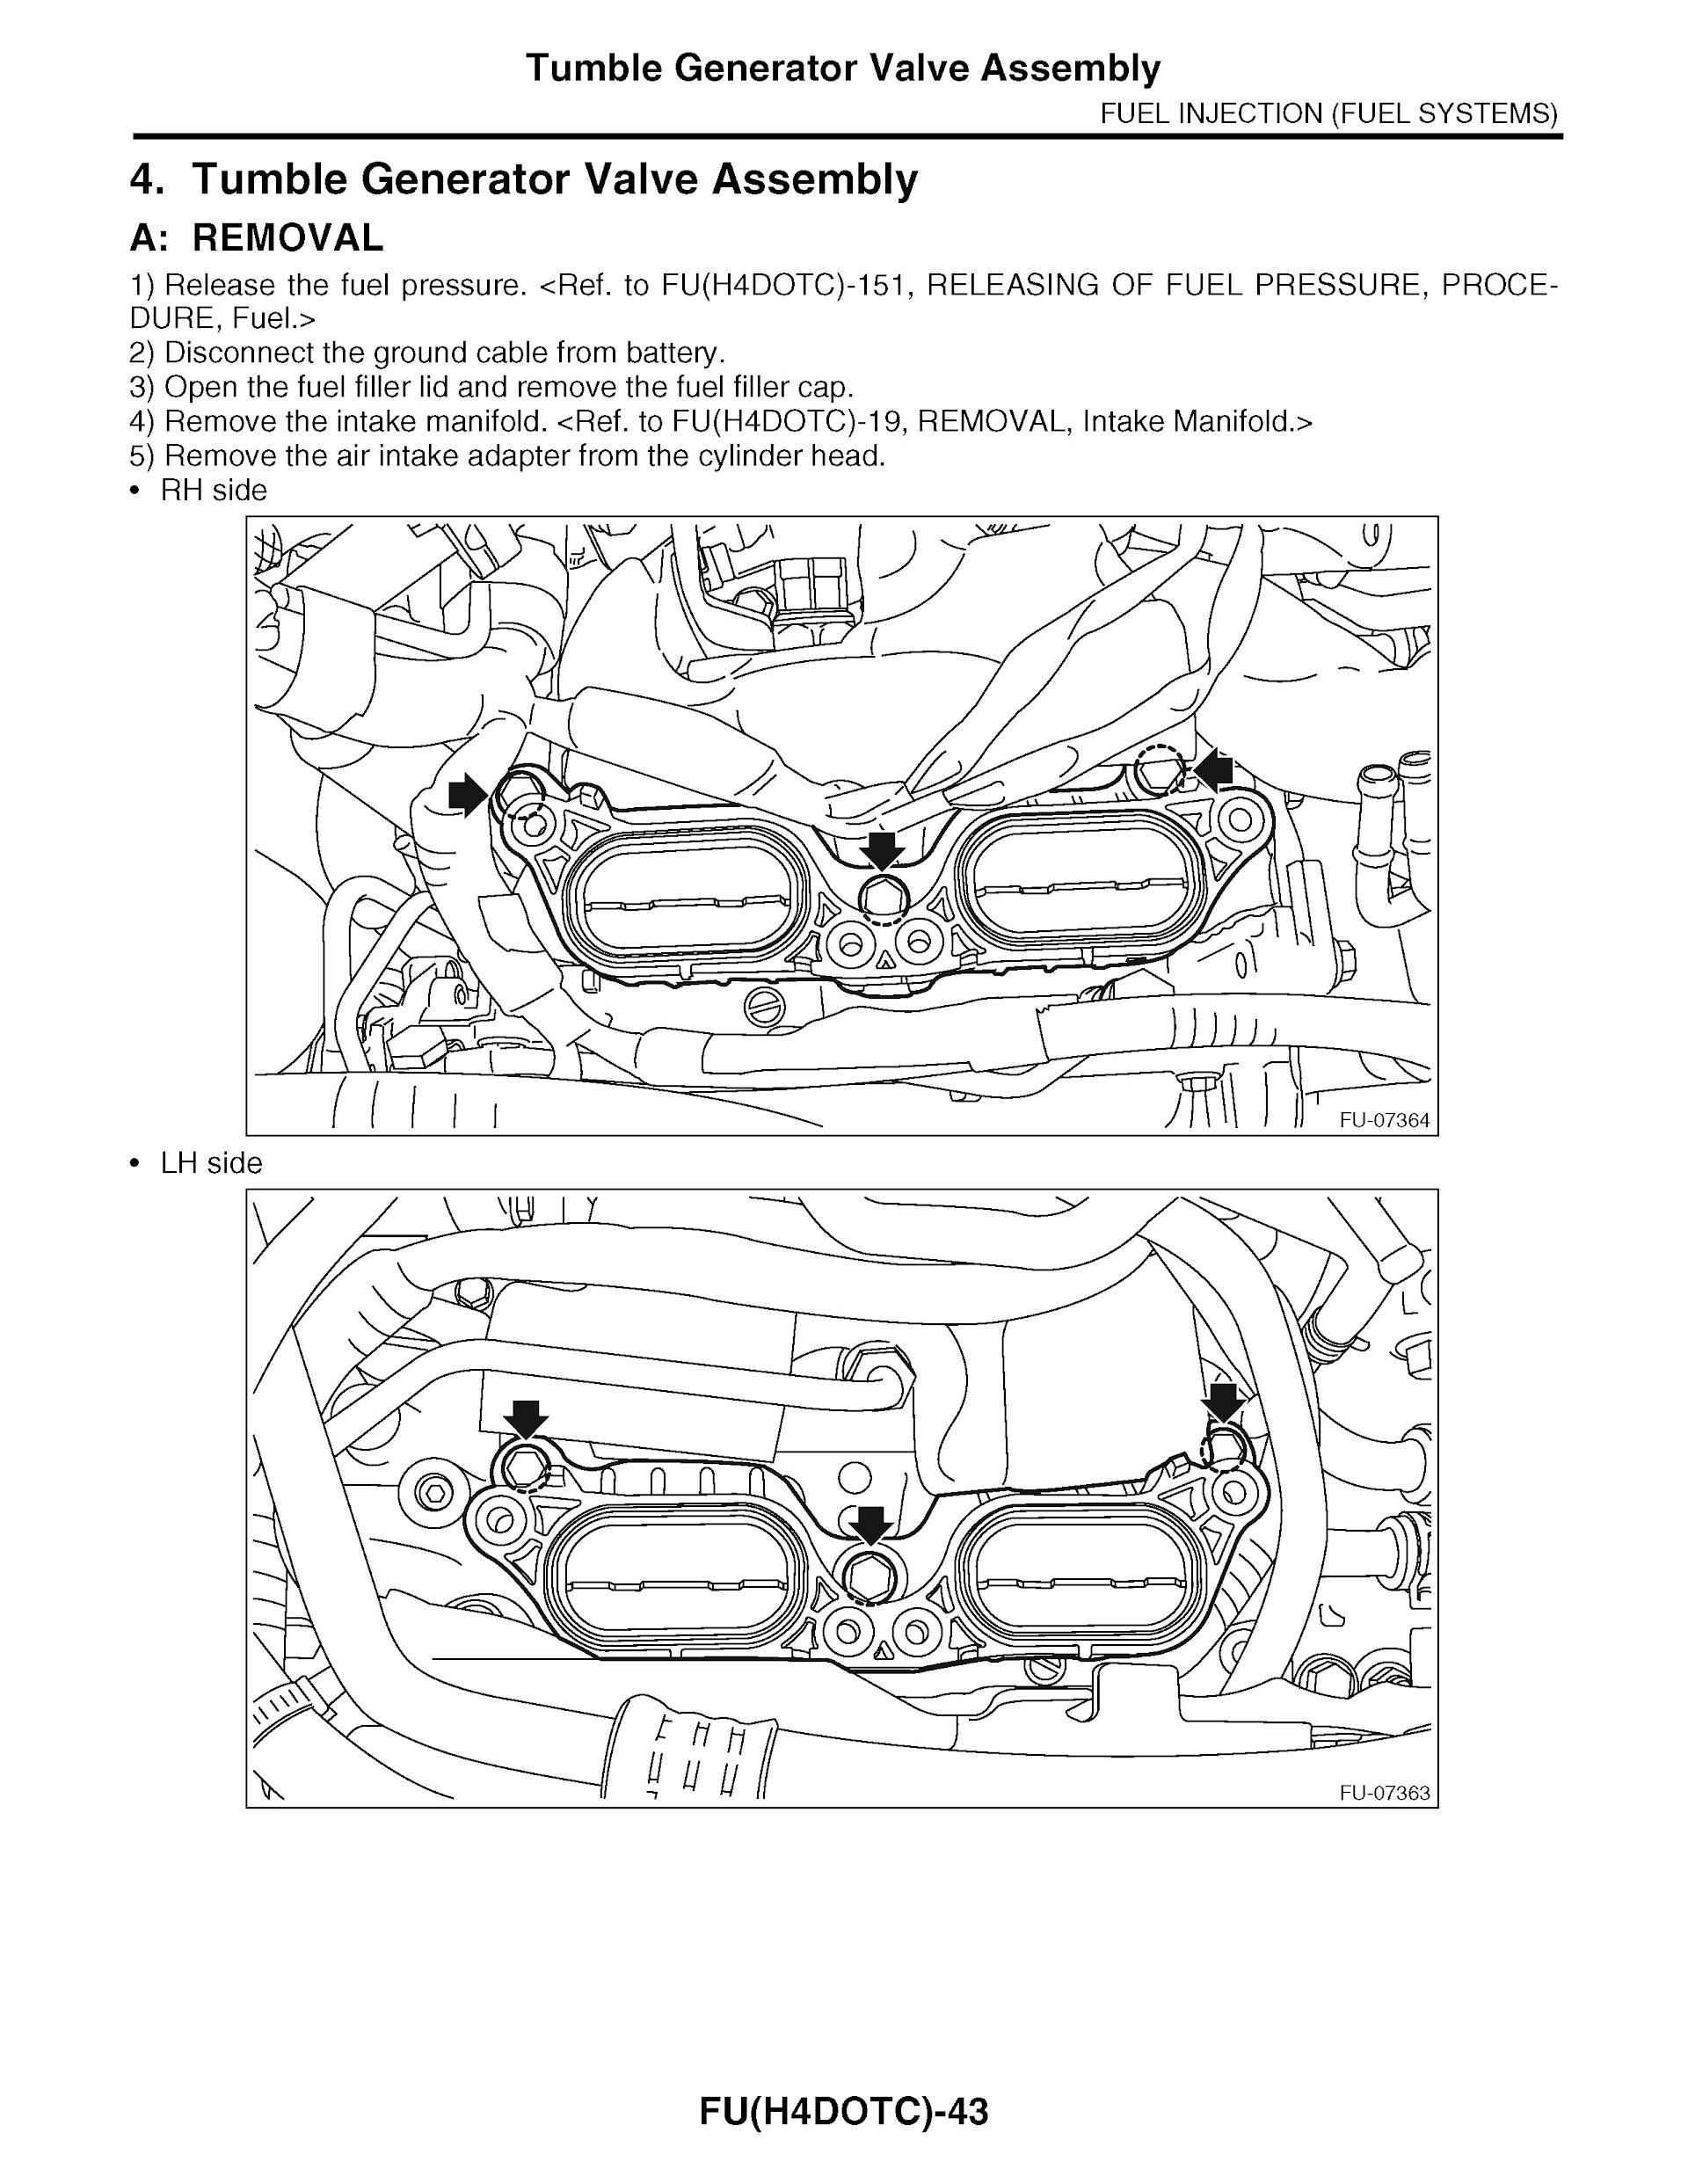 Download 2014 Subaru Forester Service Repair Manual.